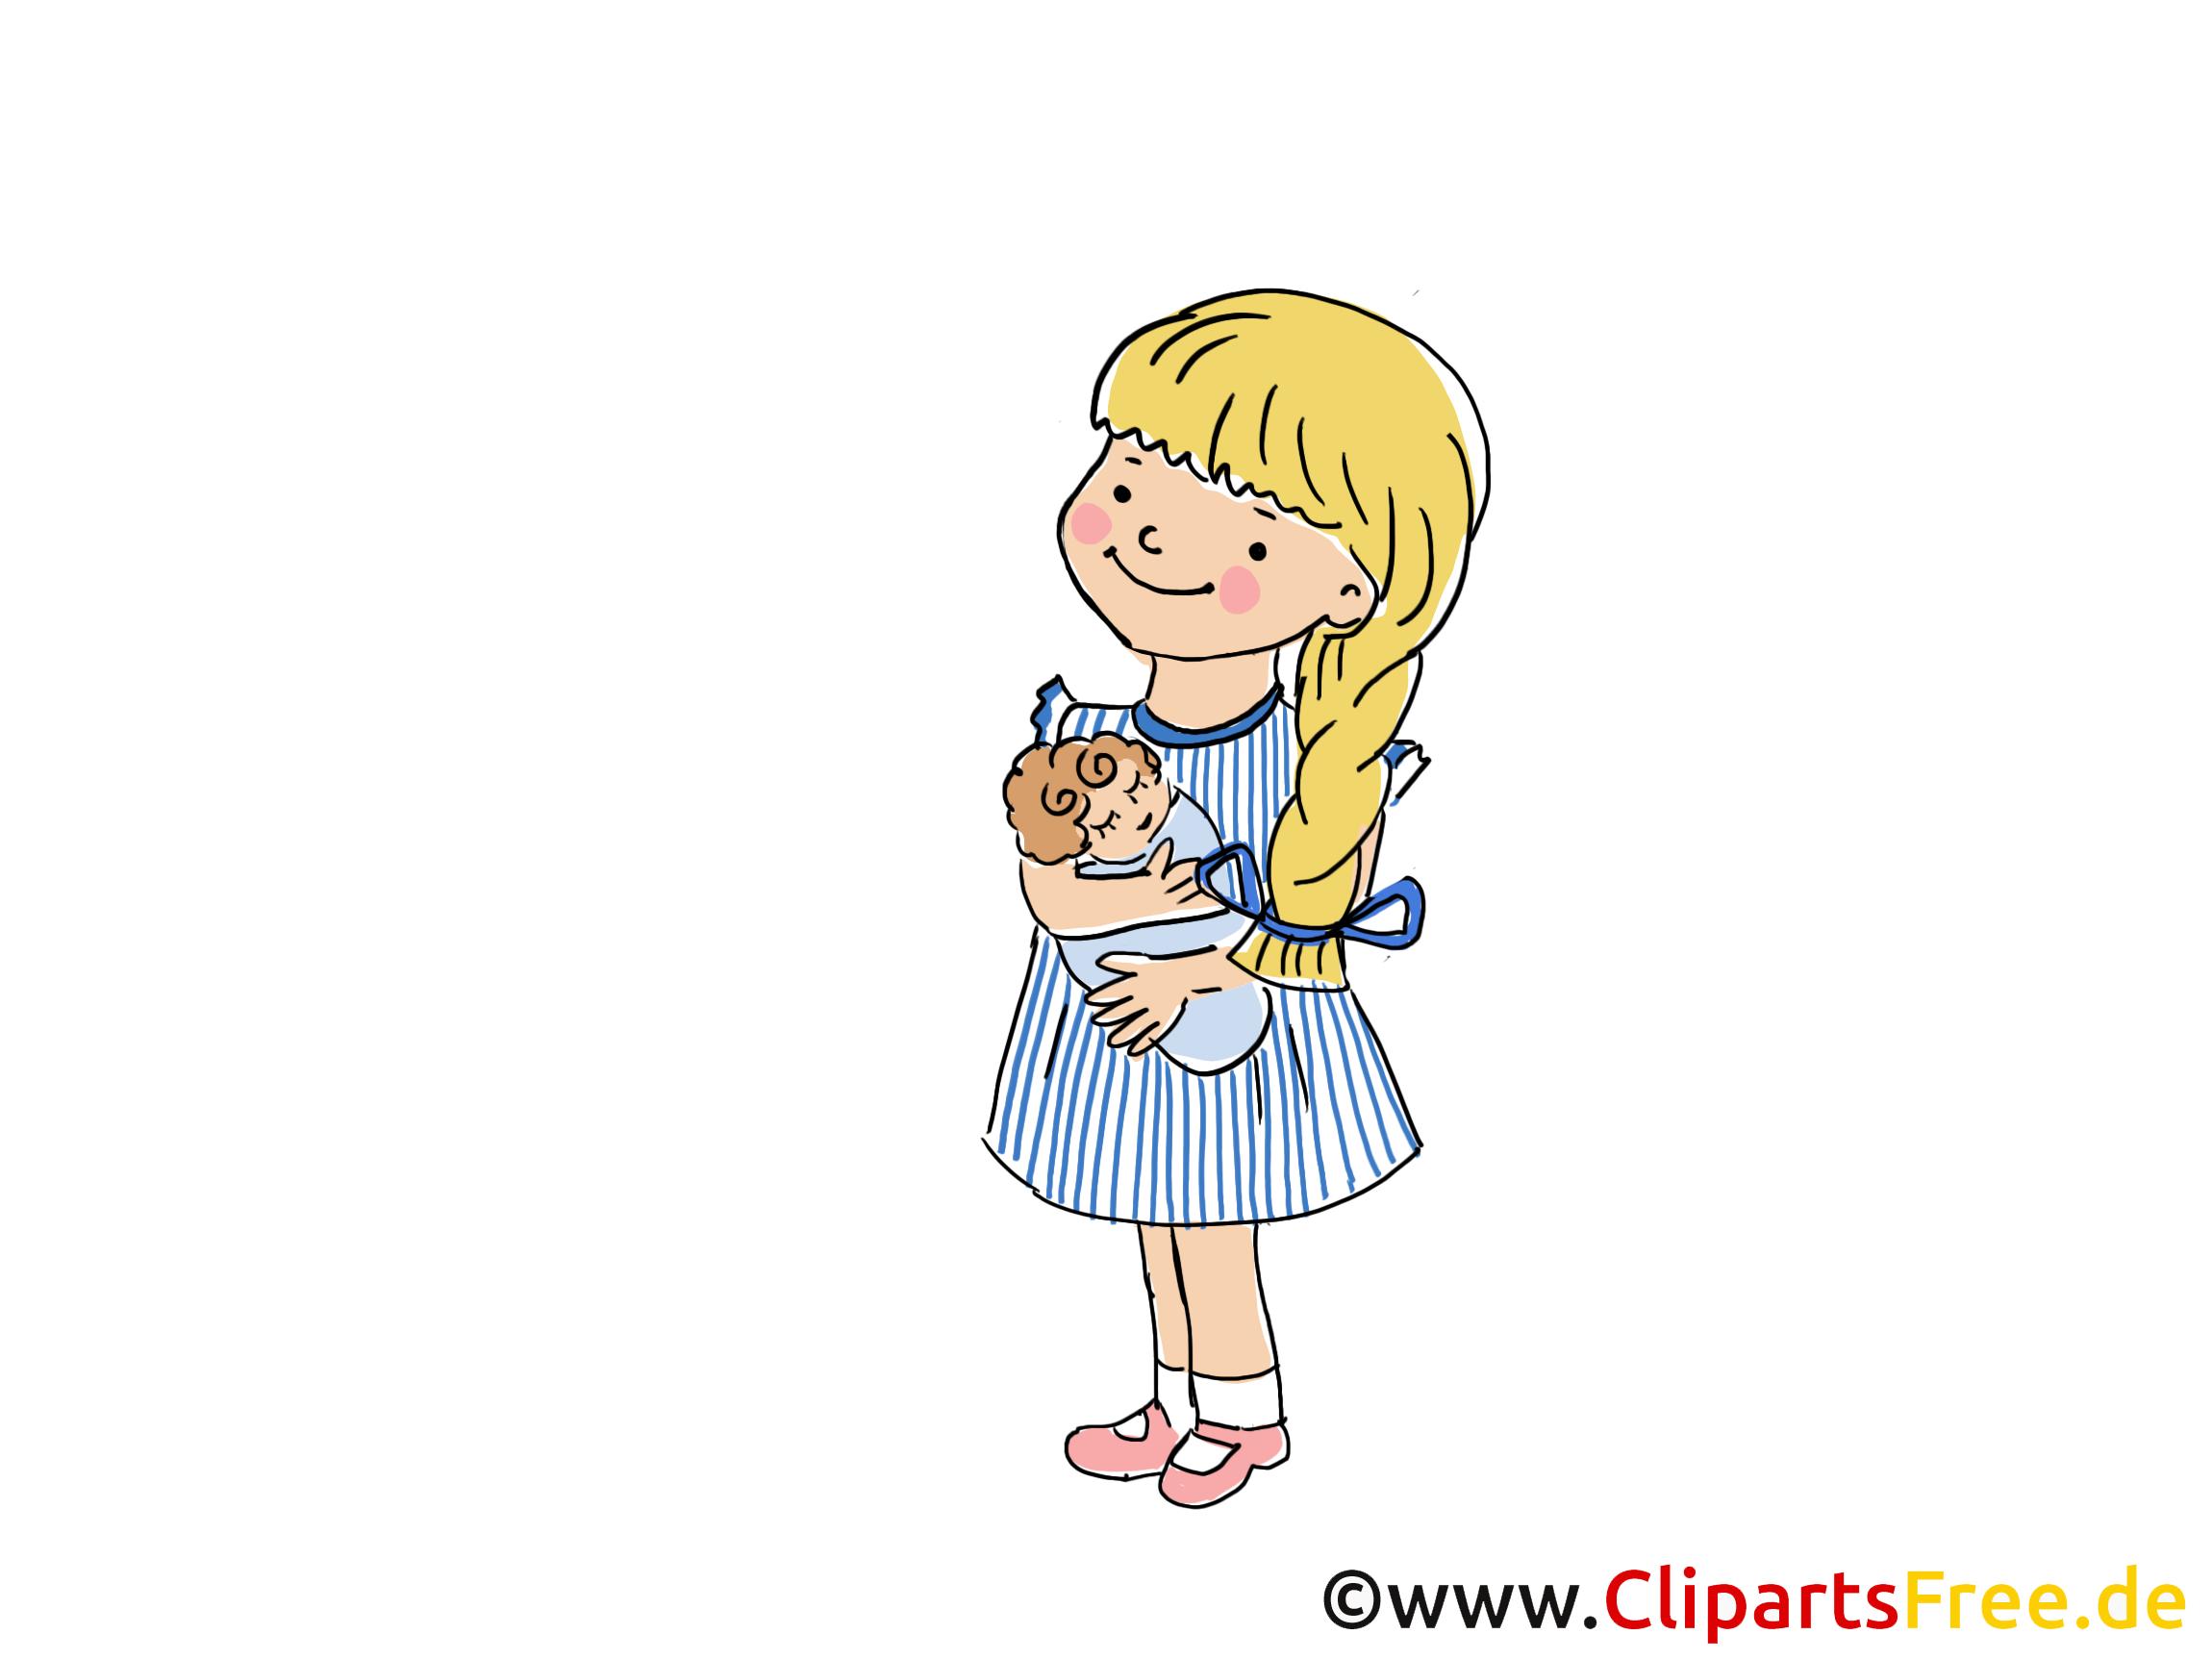 Kleines Mädchen in der Krippe Bild, Clipart, Cartoon, Grafik, Comic ...